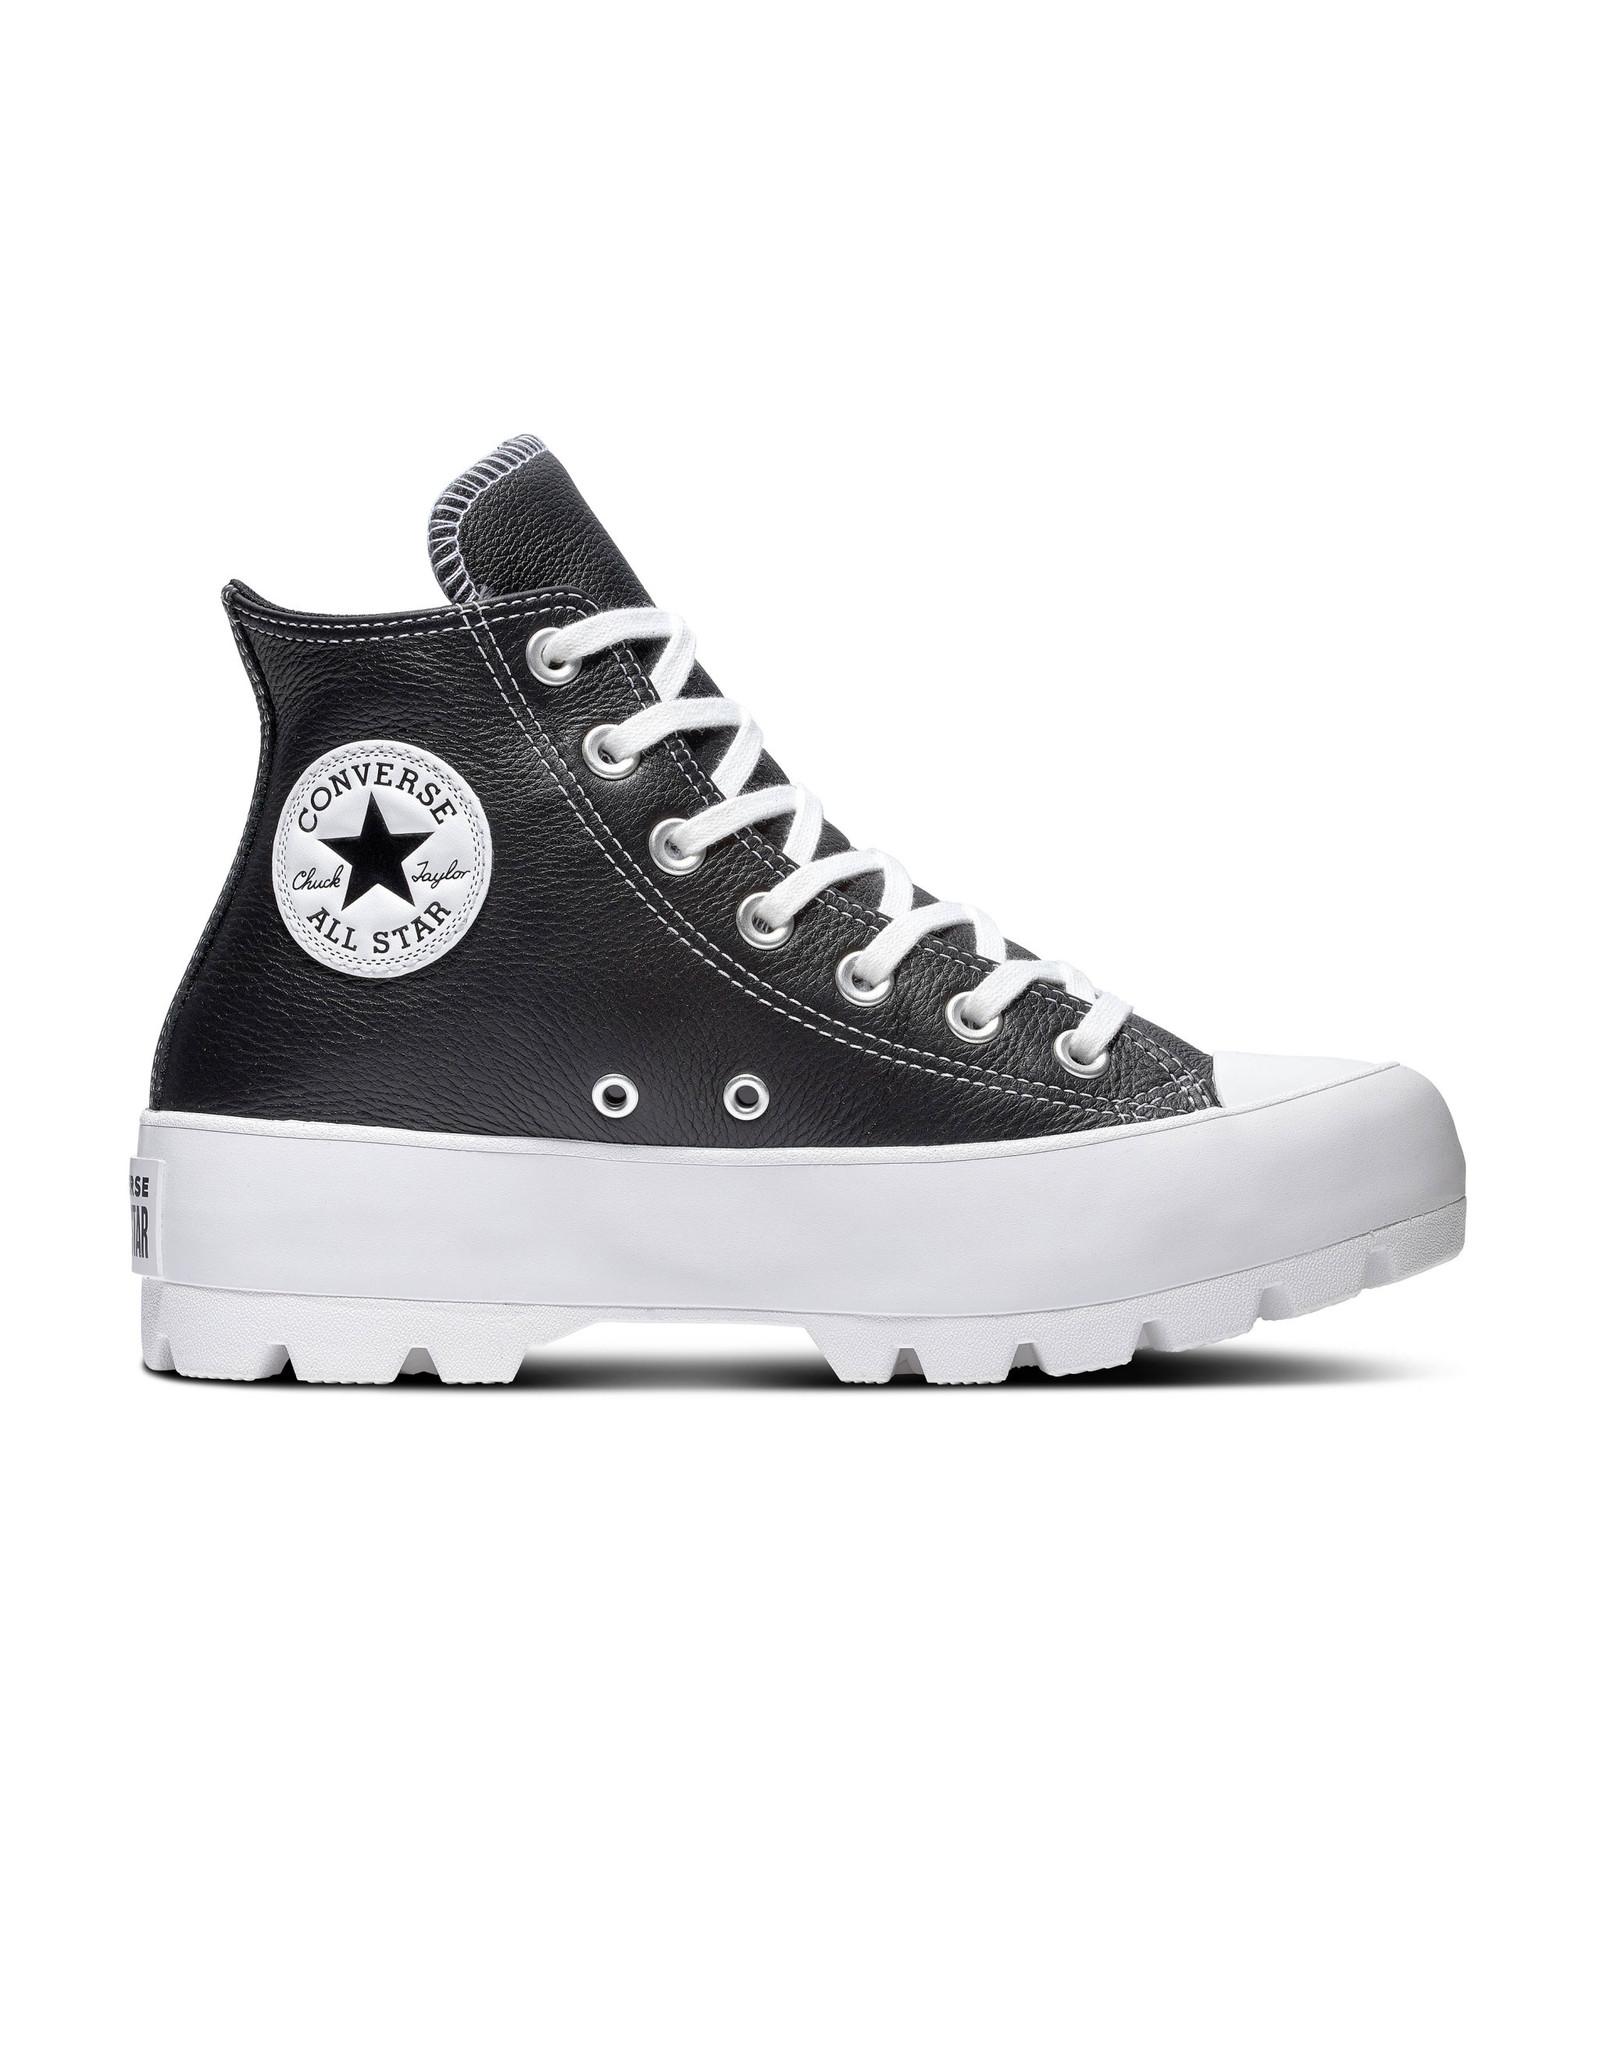 CONVERSE CHUCK TAYLOR ALL STAR  LUGGED HI BLACK/WHITE/WHITE CC094B-567164C